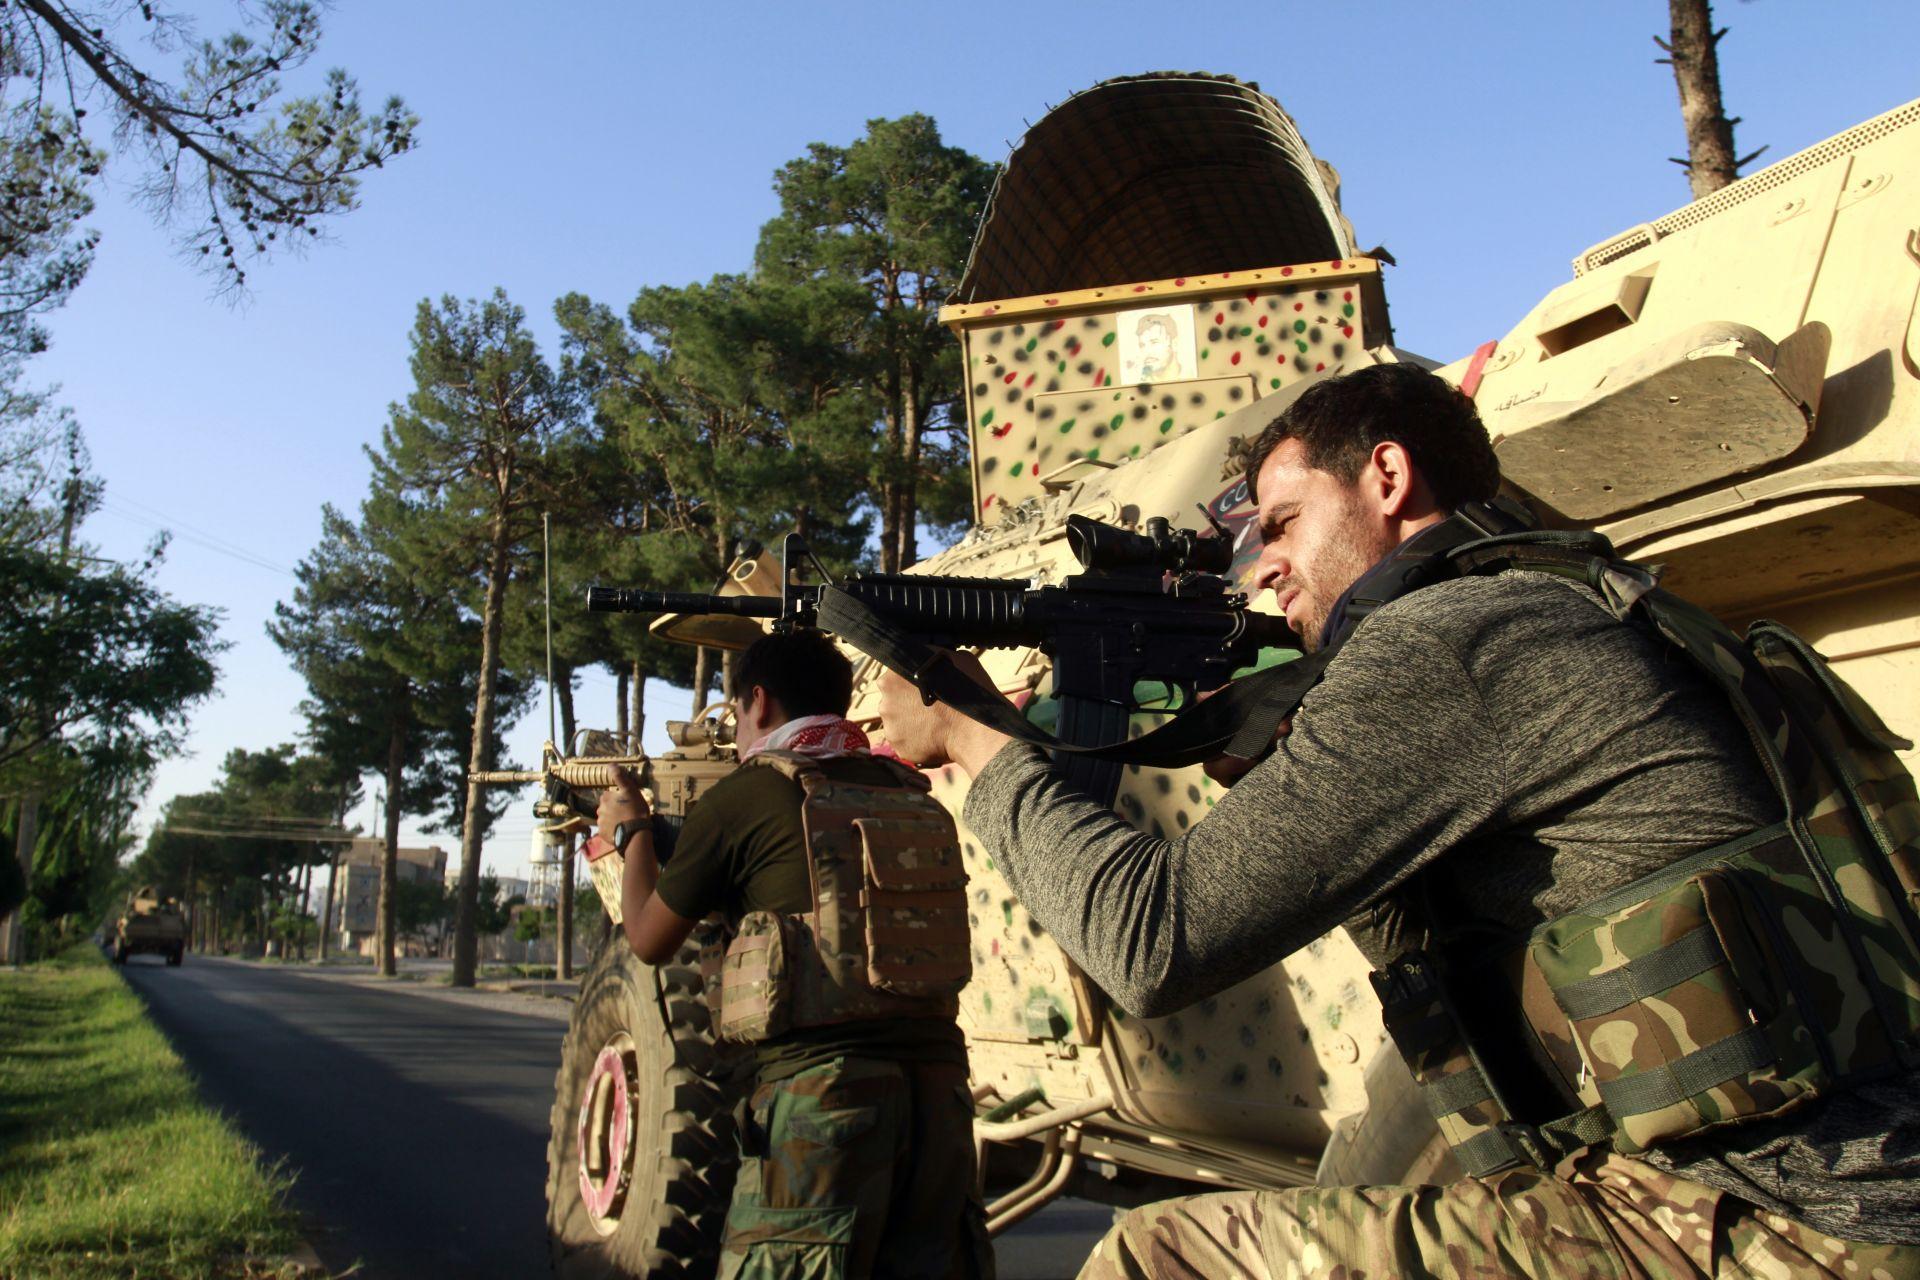 афганистанският персонал по сигурността заема позиция по време на битки между талибаните и афганистанските сили за сигурност в провинция Херат